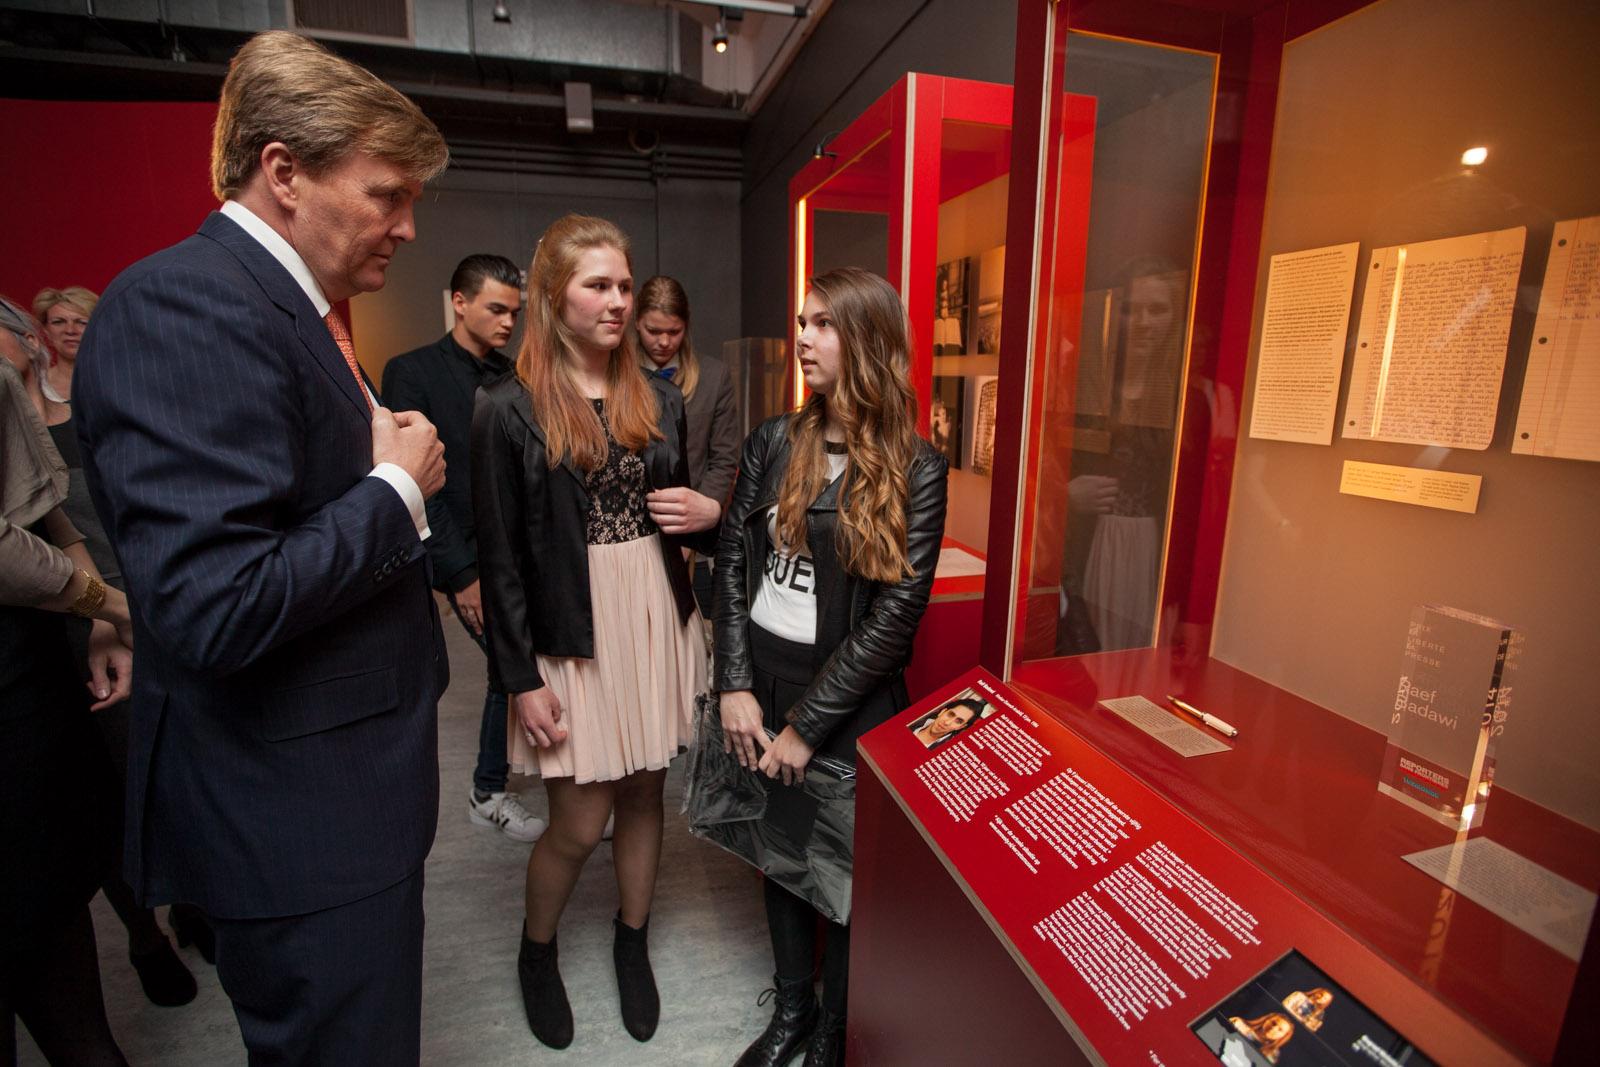 Koning met biografen Regina Omta en Michelle Schulte in tentoonstelling Geen nummers maar Namen, foto Hanne Nijhuis.jpg